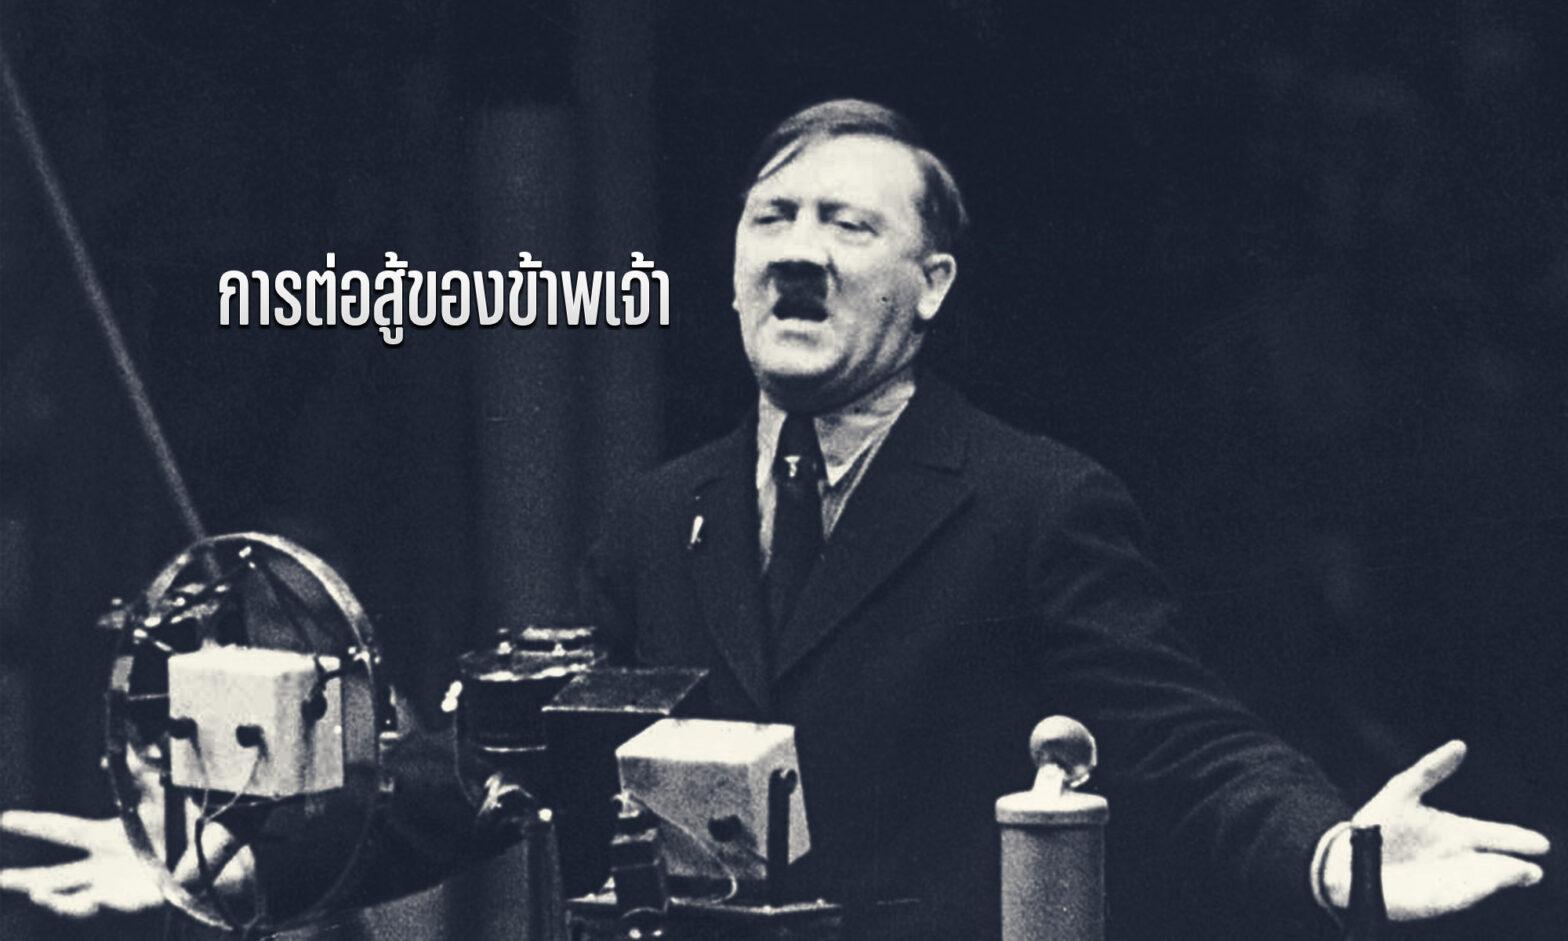 Mein Kampf – การต่อสู้ของข้าพเจ้า